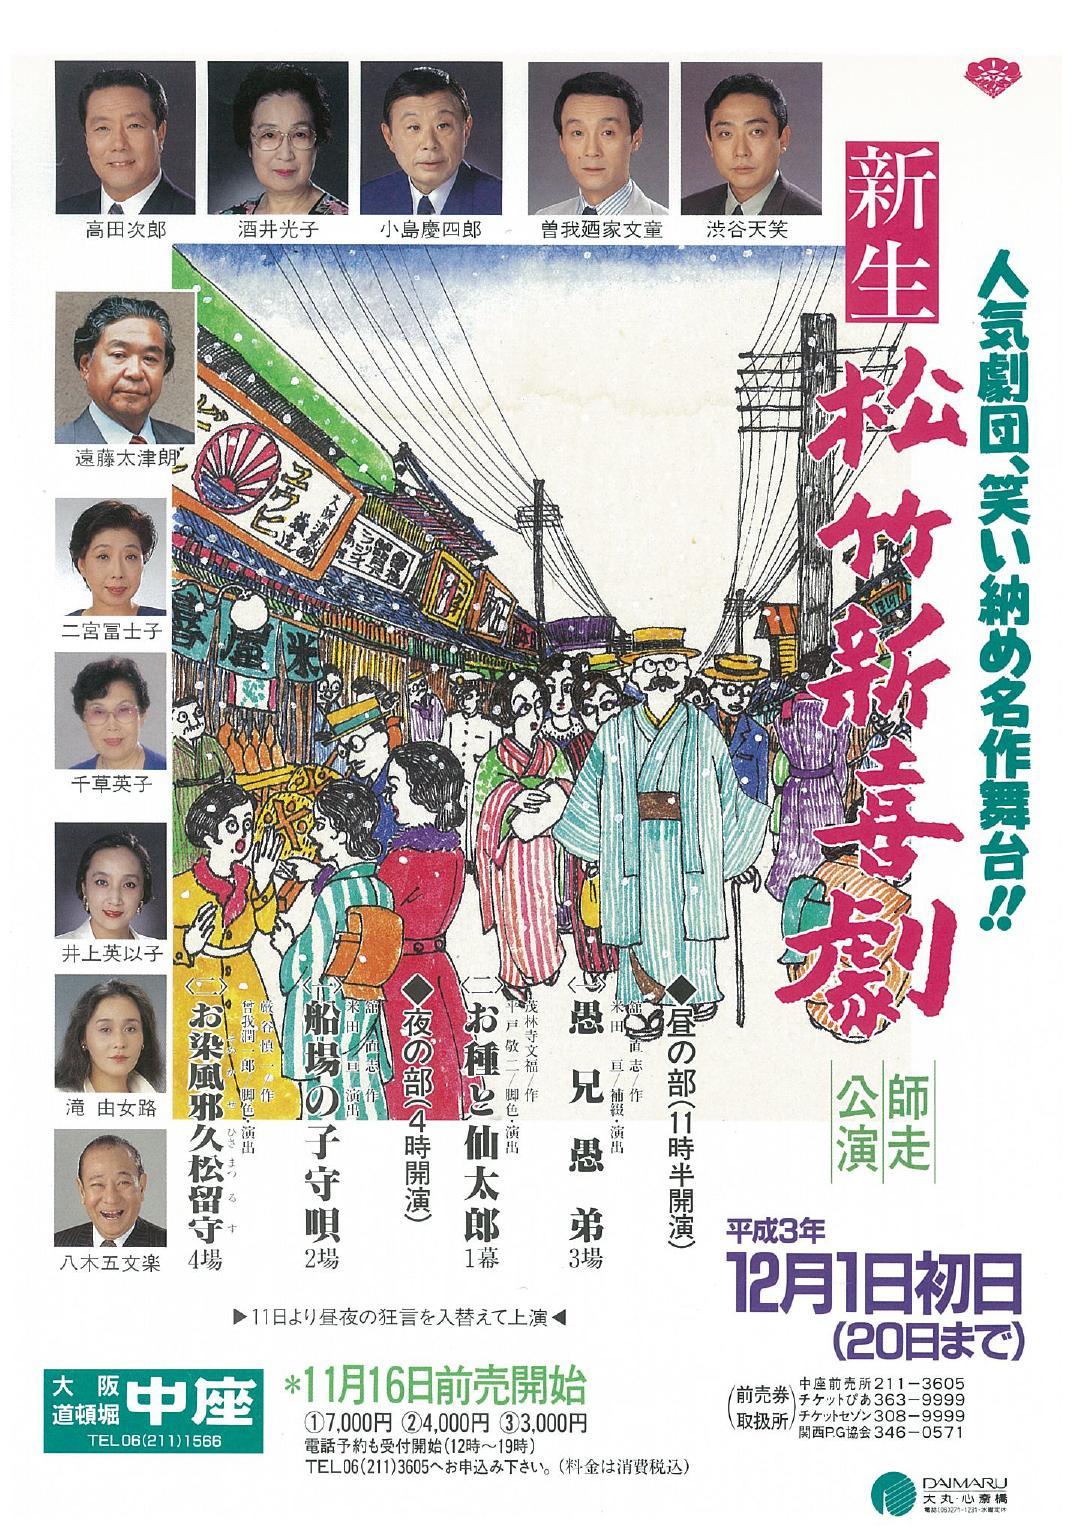 【中座】新生松竹新喜劇 師走公演